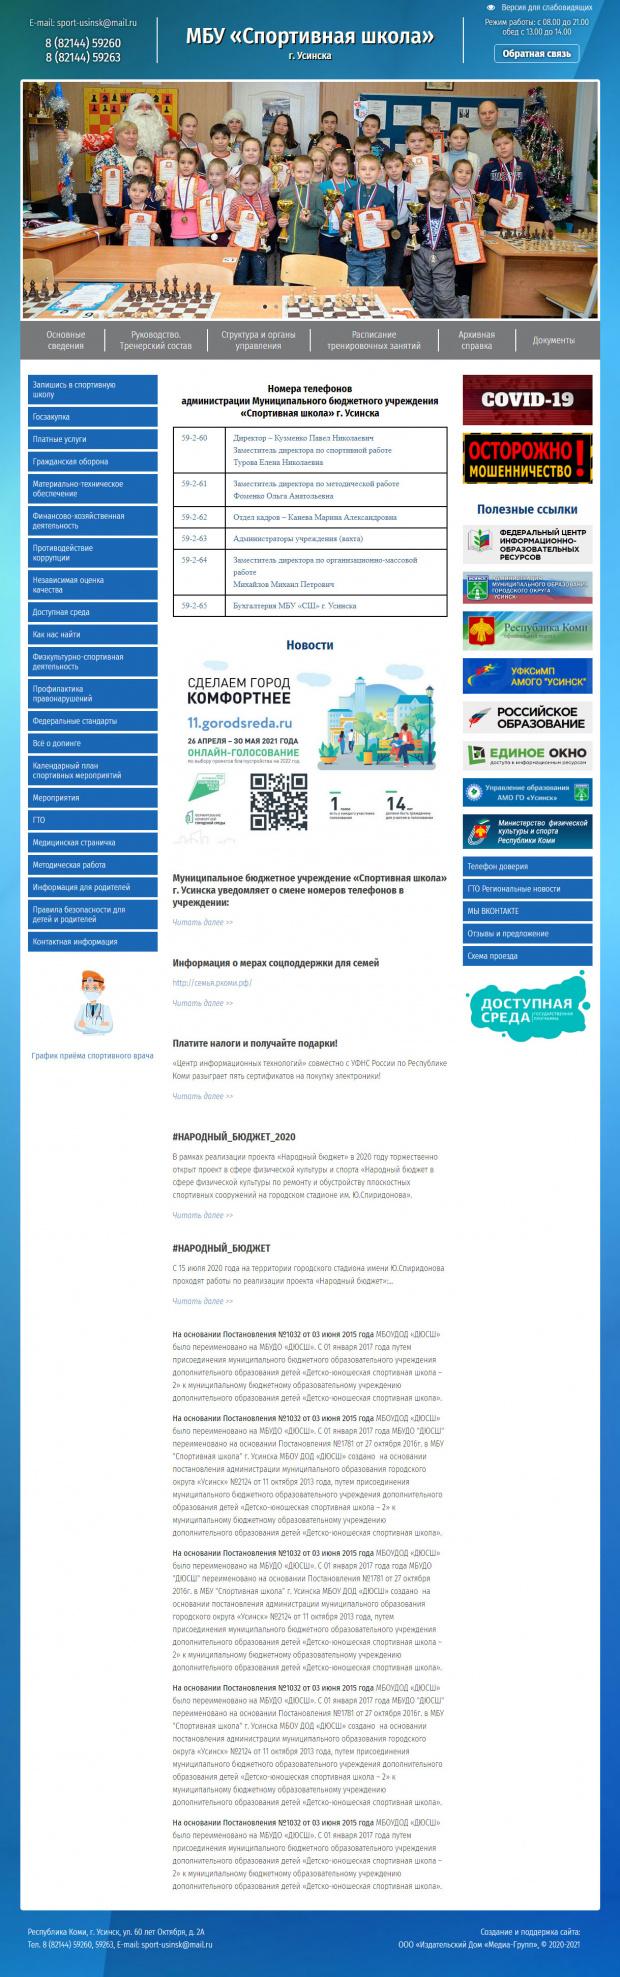 МБУ «Спортивная школа», г. Усинска